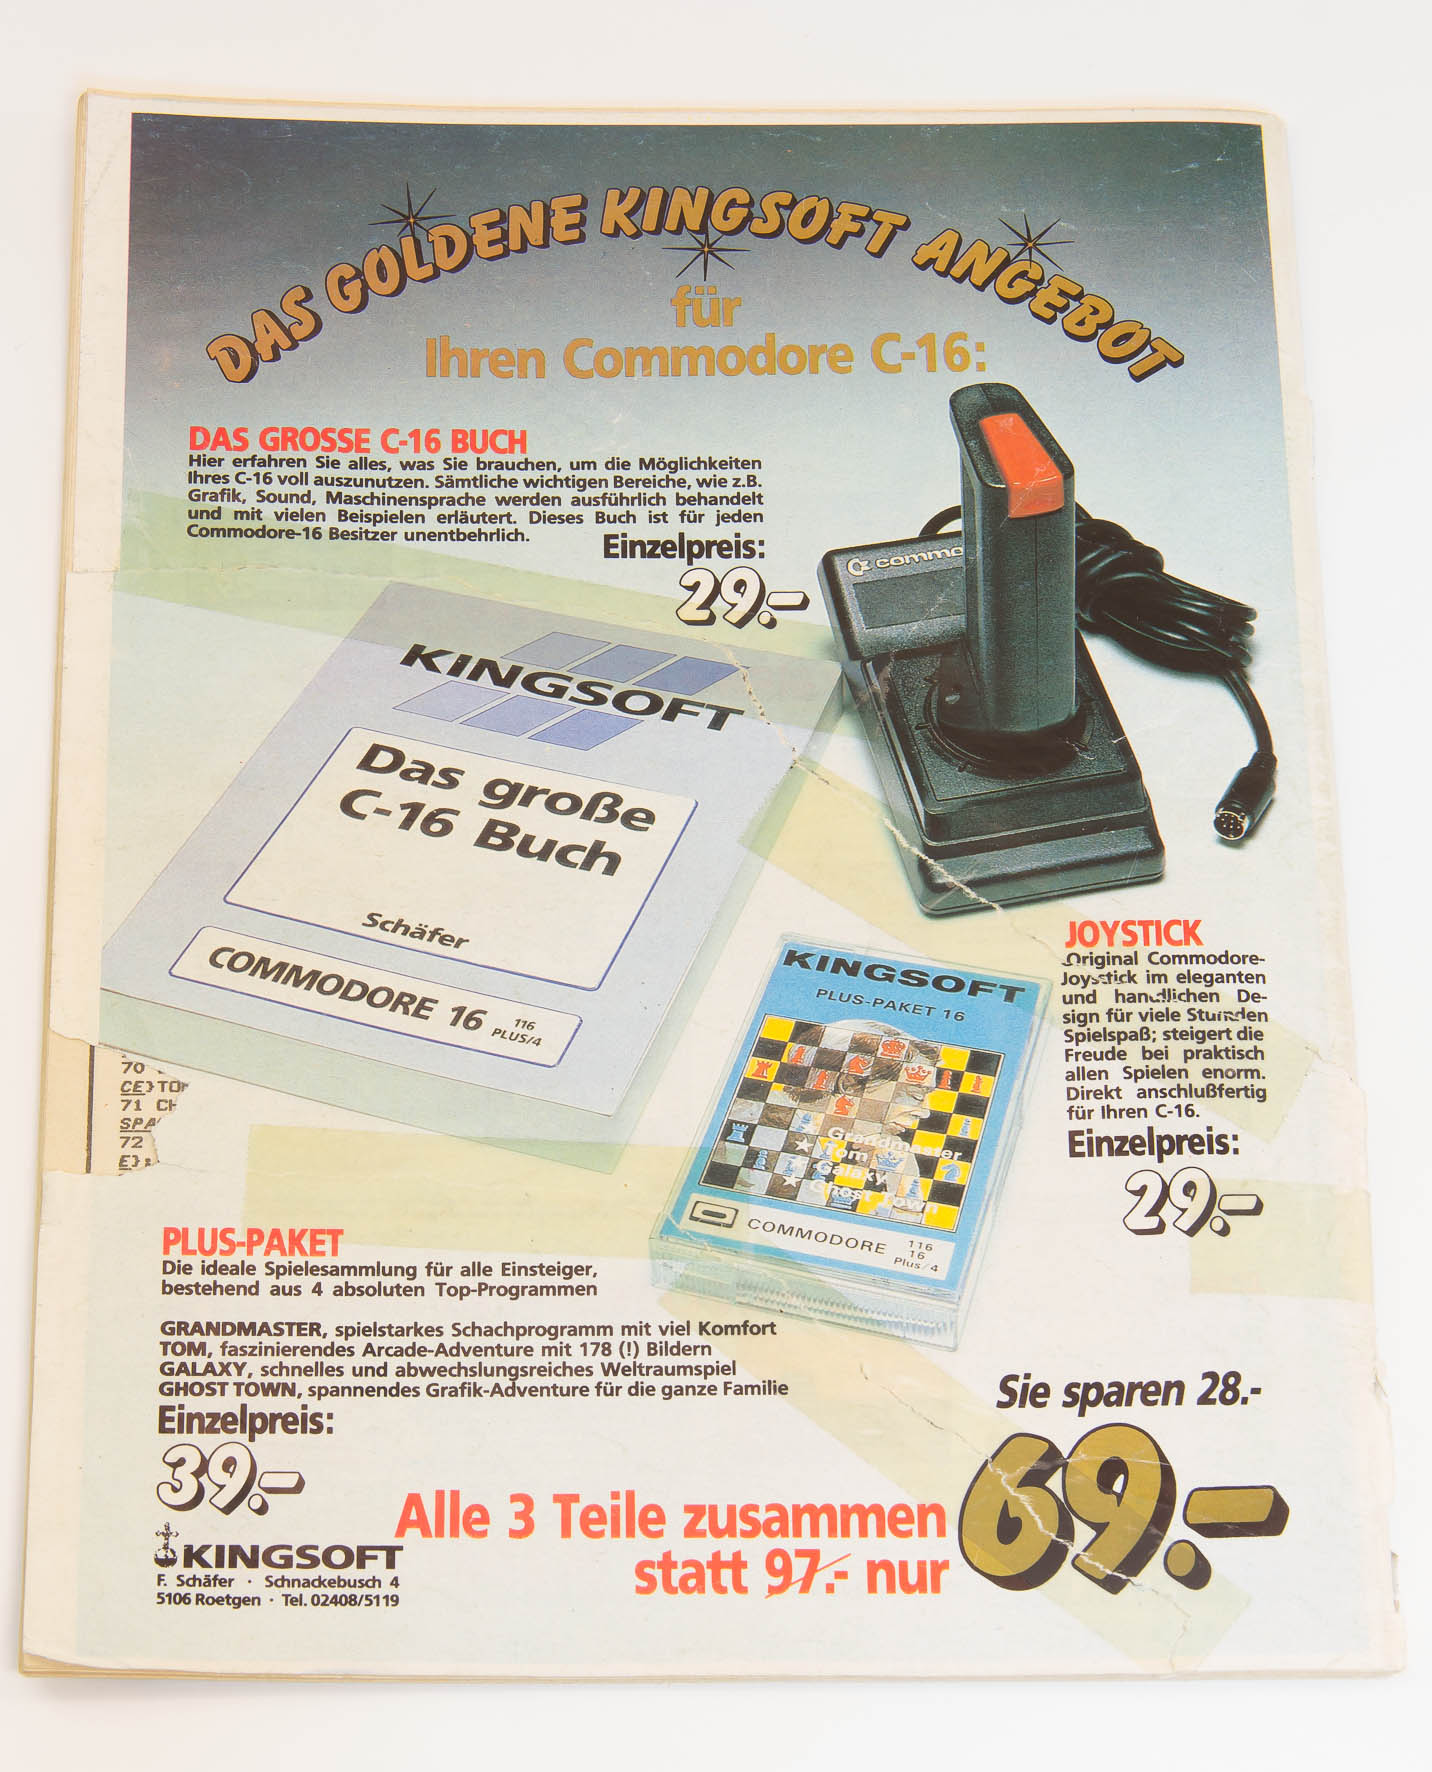 Kingsoft aus Aachen war für die User des C16 bedeutend, da die Firma viel Software für dieses System anbot. (Bild: Claudio Lione)